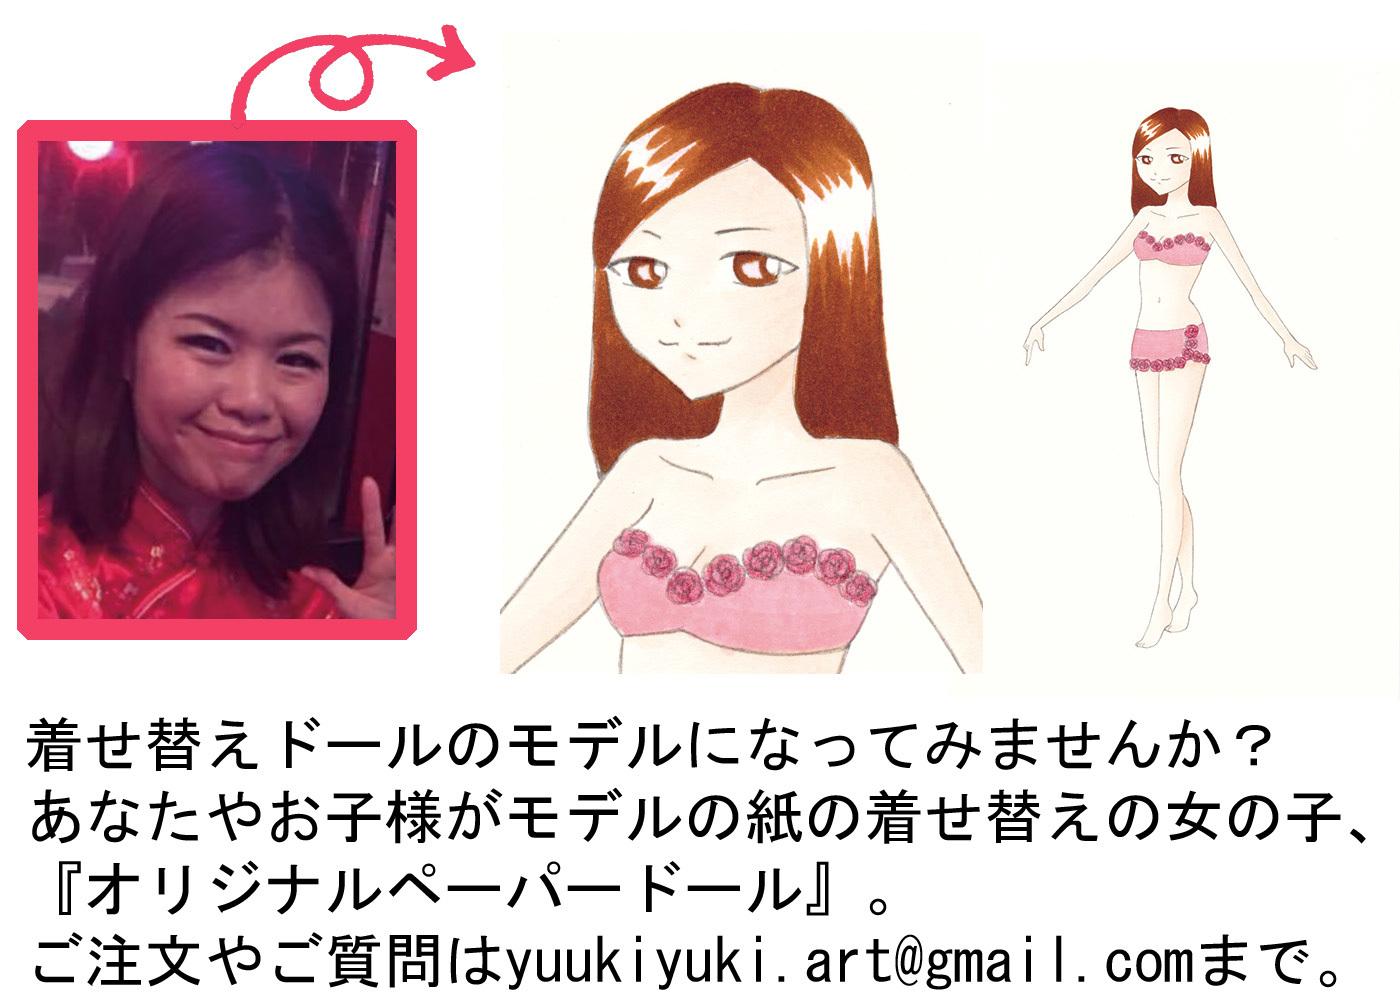 doll_web_moji_mihon01.jpg